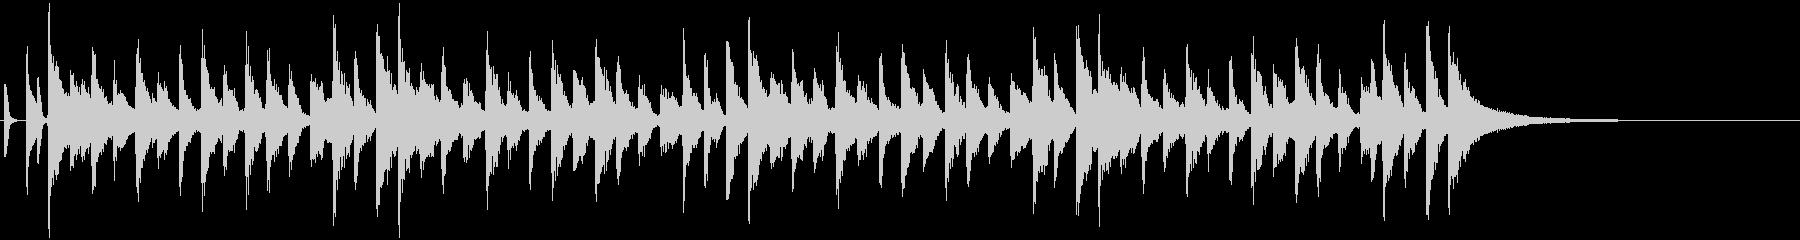 コーナータイトル_J-テクノの未再生の波形